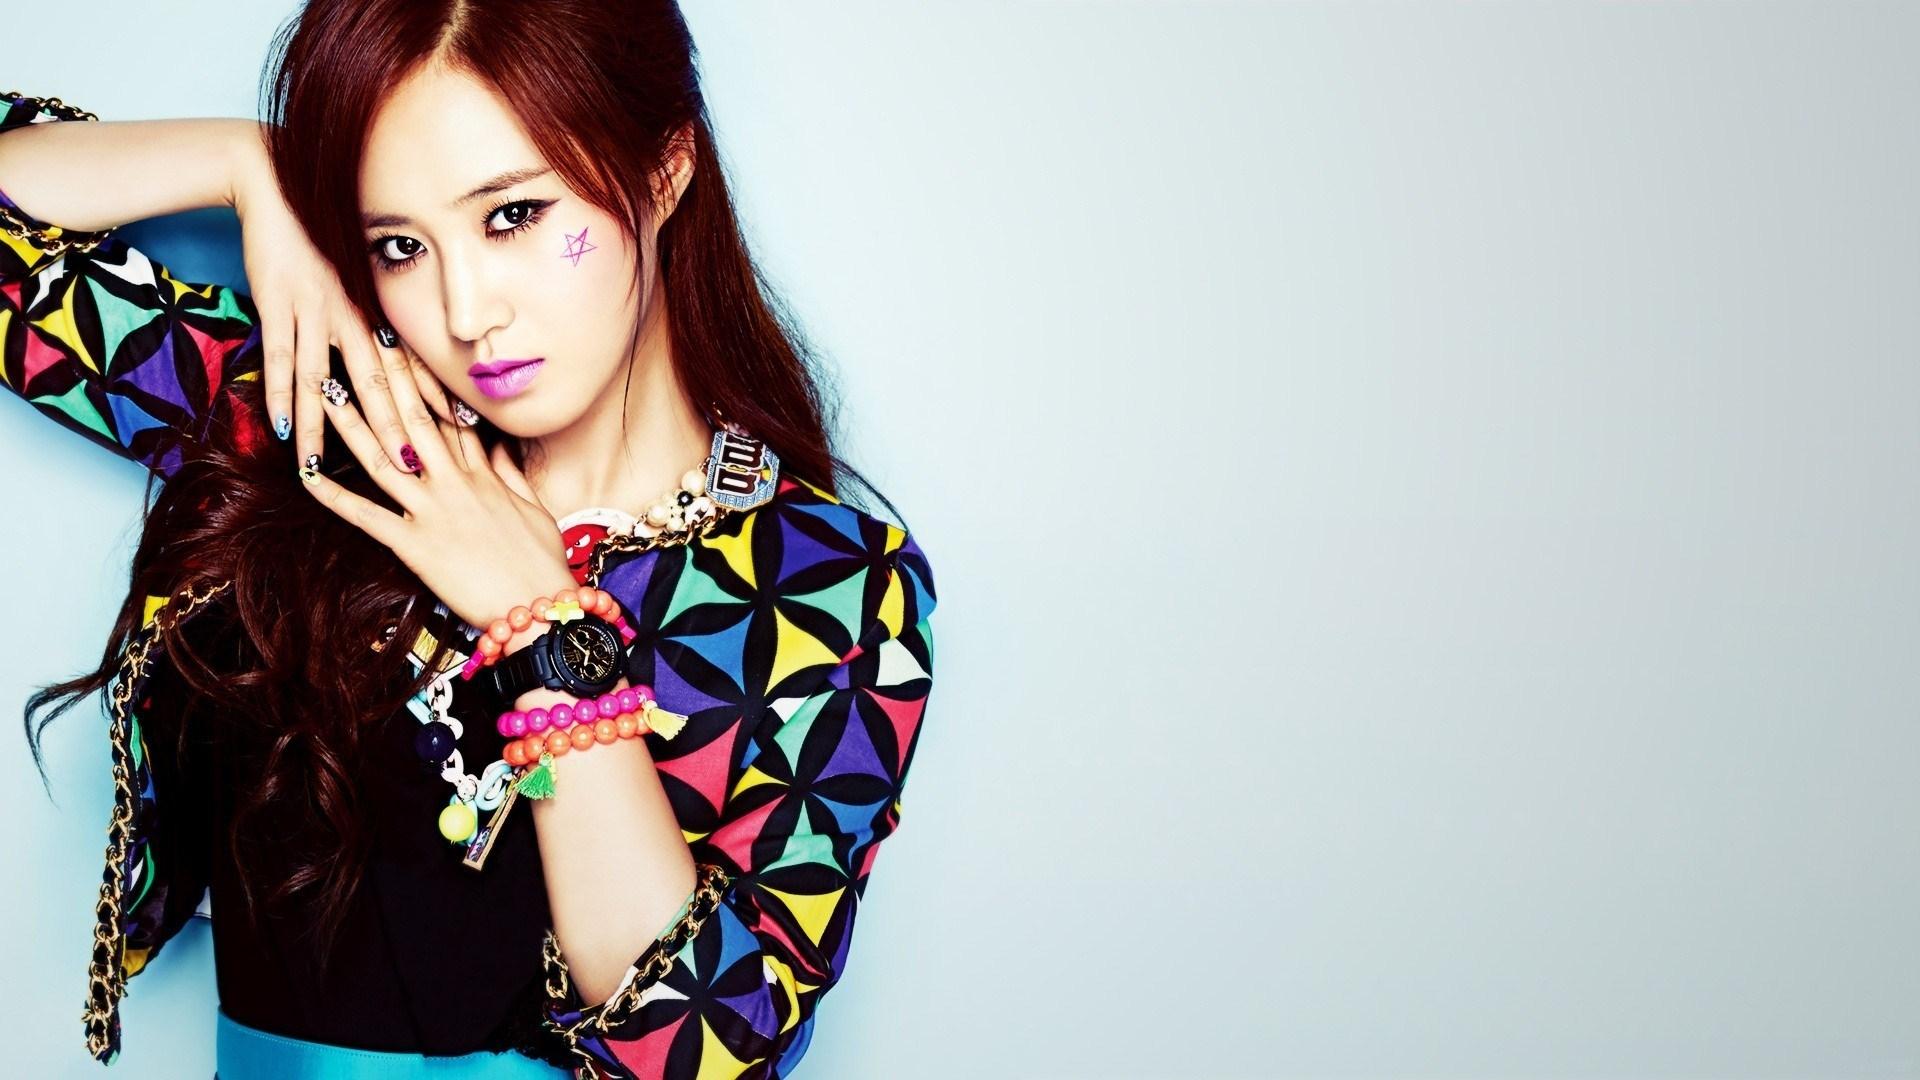 Singer Beauty Korean Girl